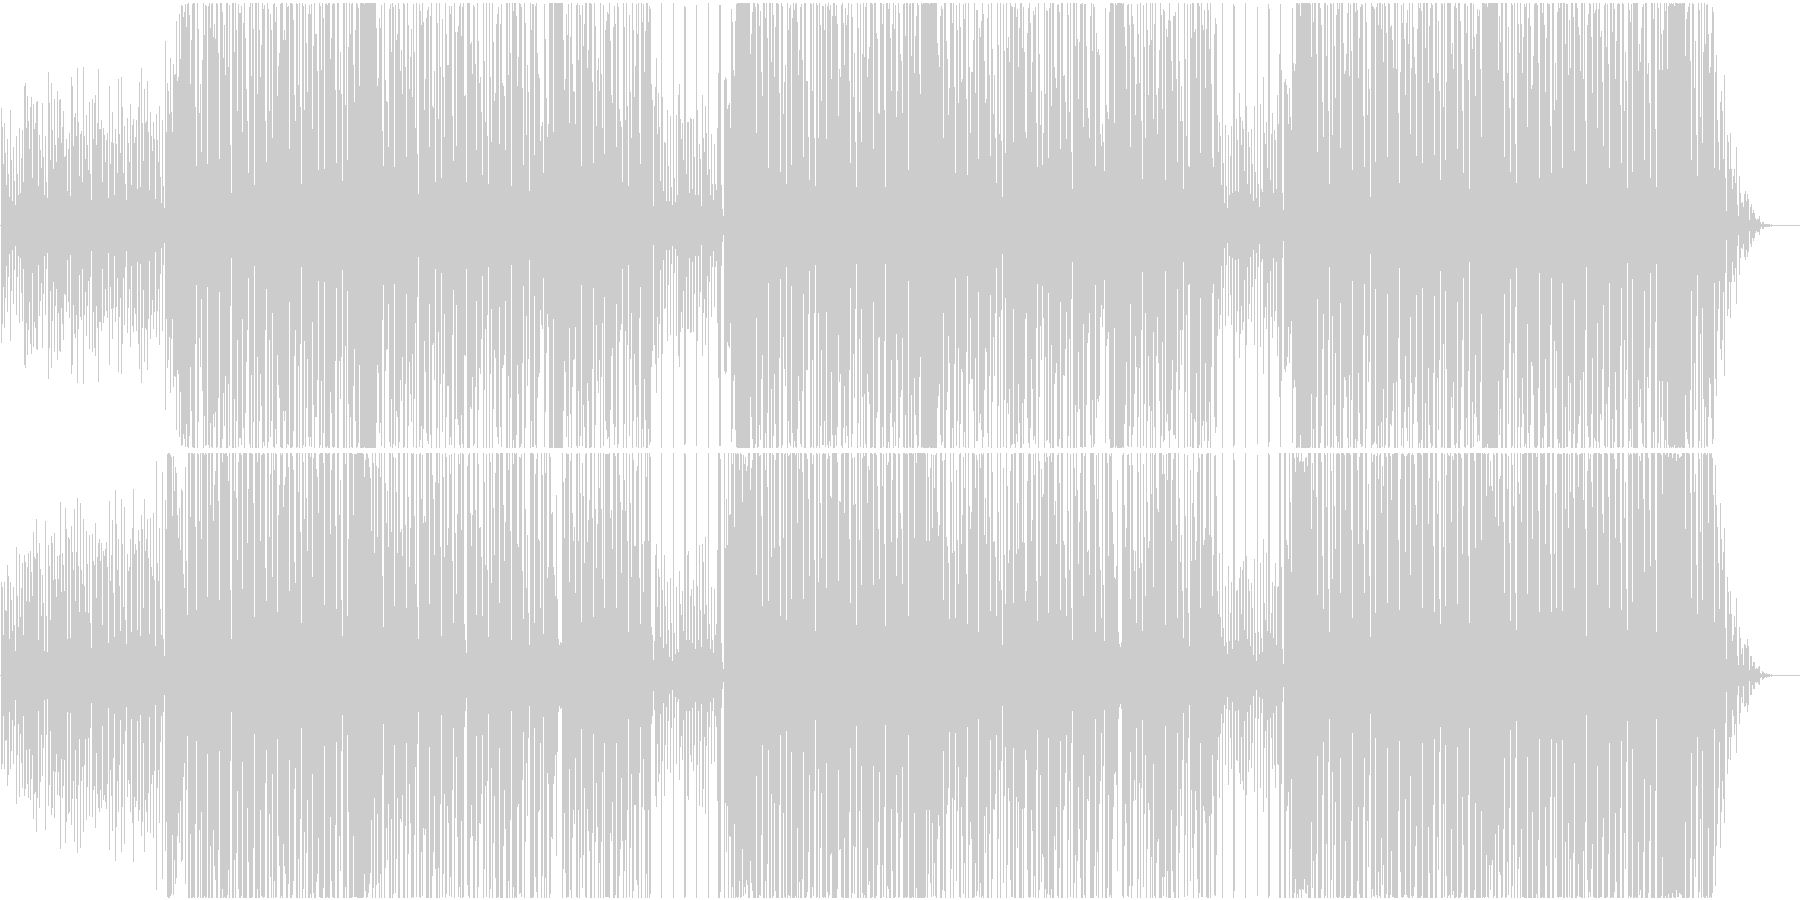 アゲアゲ Dirty South ビートの未再生の波形